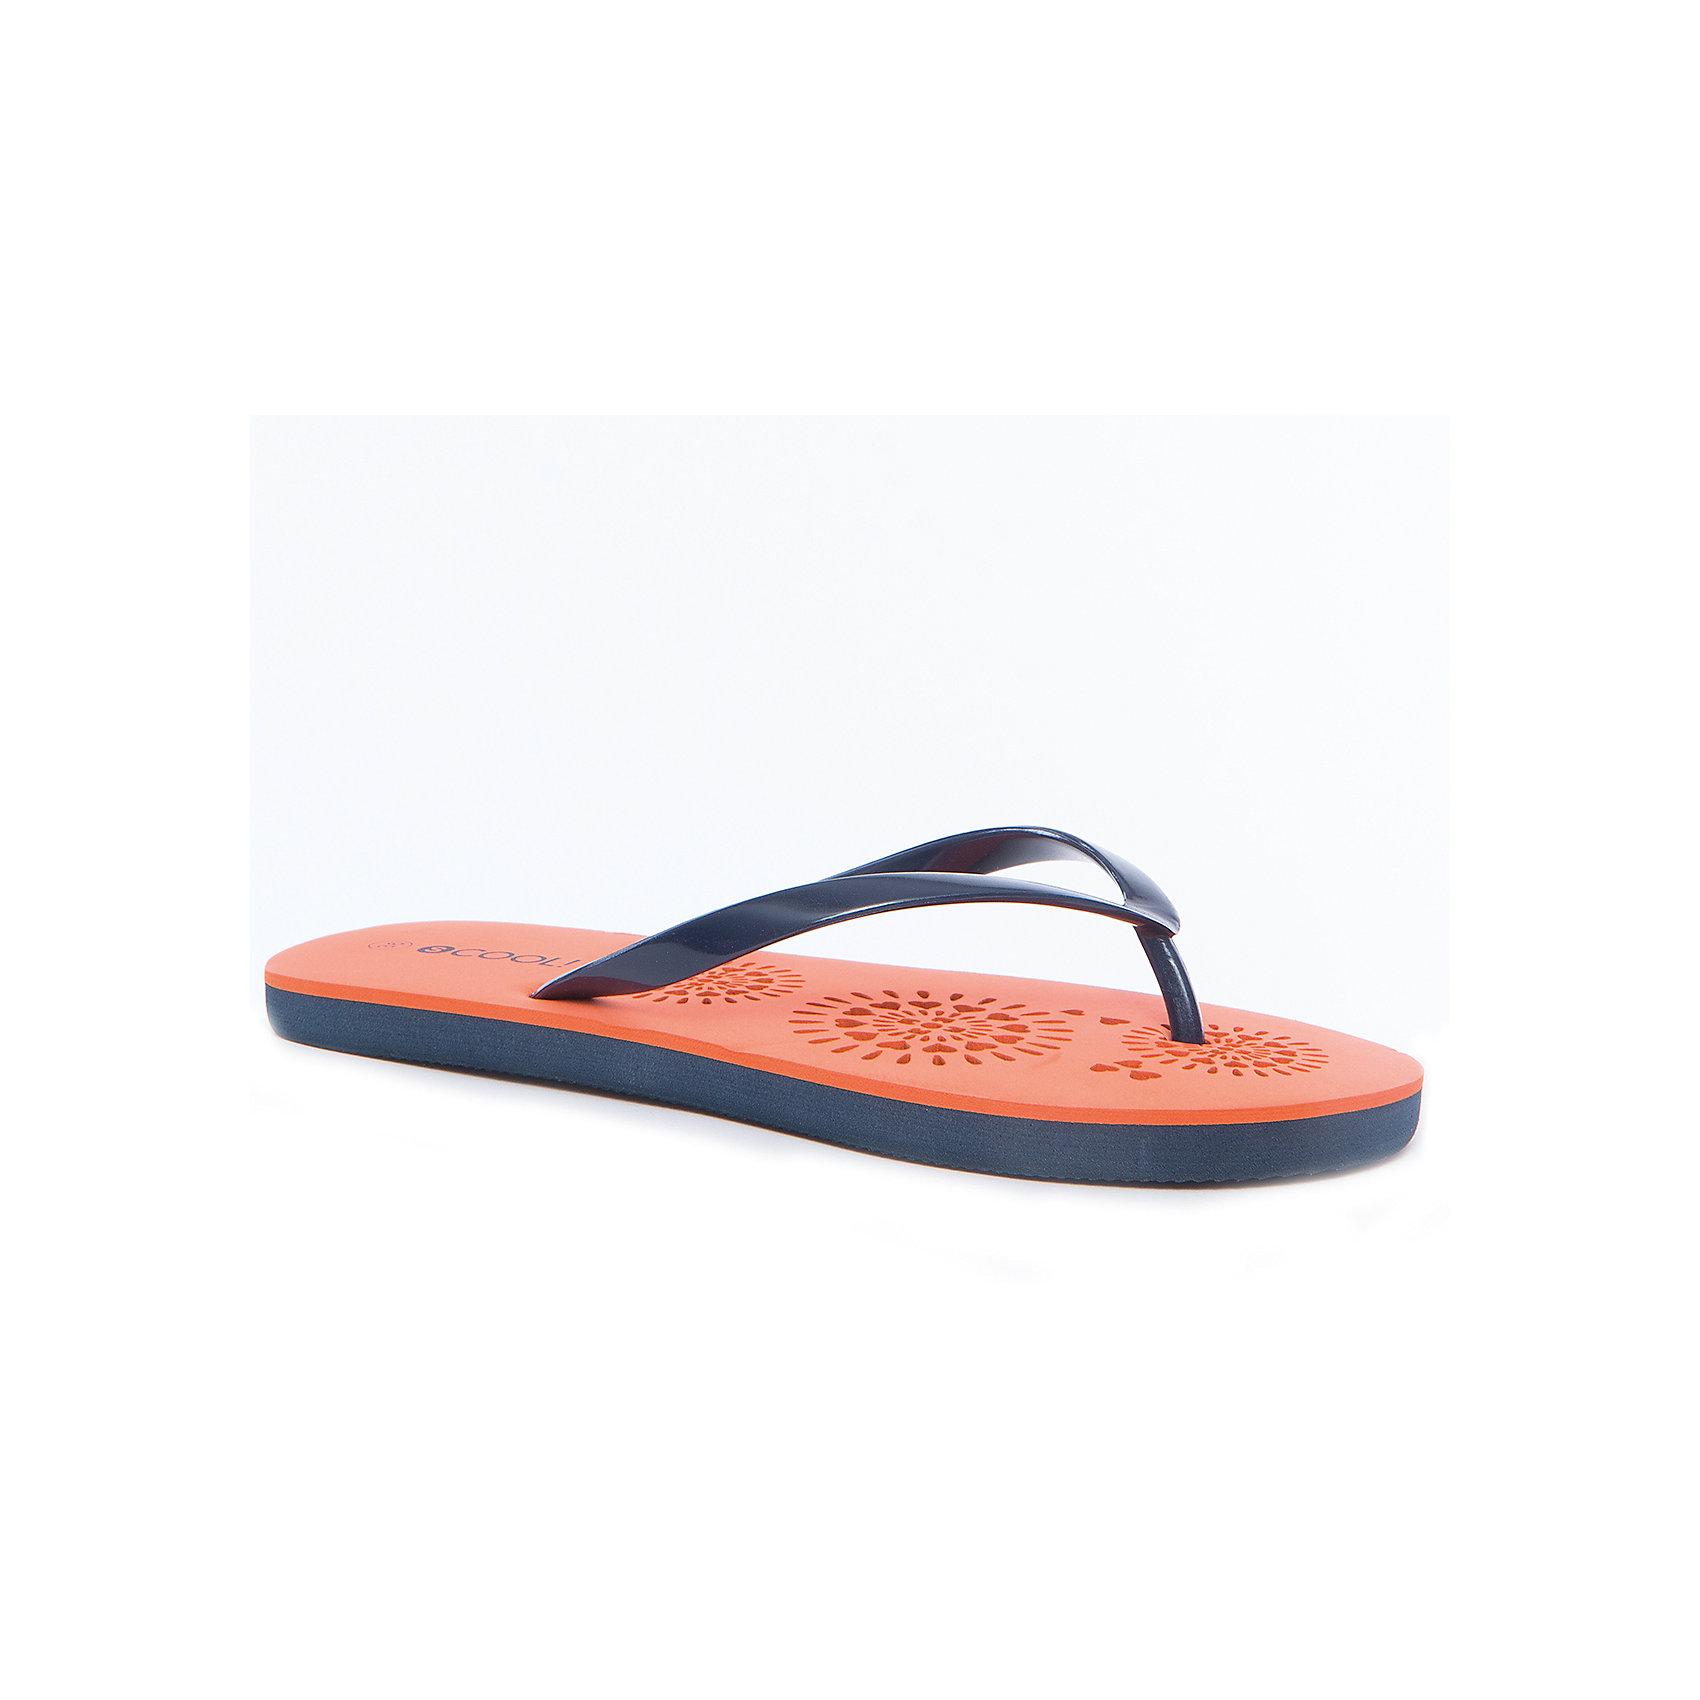 Шлепанцы для девочки ScoolПляжная обувь<br>Пантолеты для девочки Scool<br>Модель выполнена из мягкого водонепроницаемого материала. Контрасный рисунок подошвы выгодно отличает данное изделие<br>Состав:<br>100% этилвинилацетат<br><br>Ширина мм: 225<br>Глубина мм: 139<br>Высота мм: 112<br>Вес г: 290<br>Цвет: разноцветный<br>Возраст от месяцев: 168<br>Возраст до месяцев: 192<br>Пол: Женский<br>Возраст: Детский<br>Размер: 37,38,39,40,36<br>SKU: 5407155